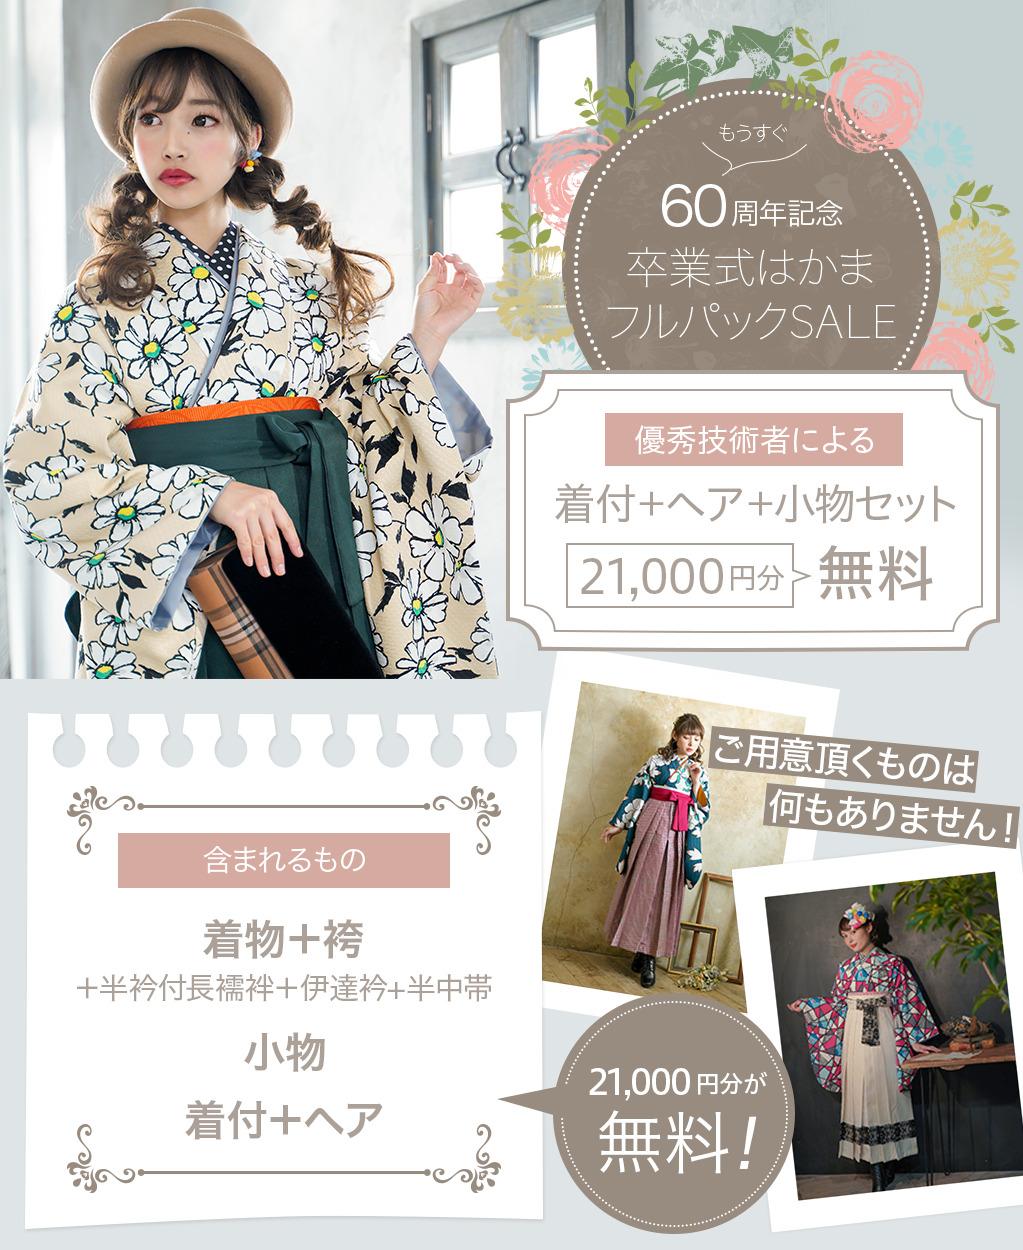 もうすぐ60周年記念セール! 小物セット・着付・ヘアが無料で実質21000円オフ!